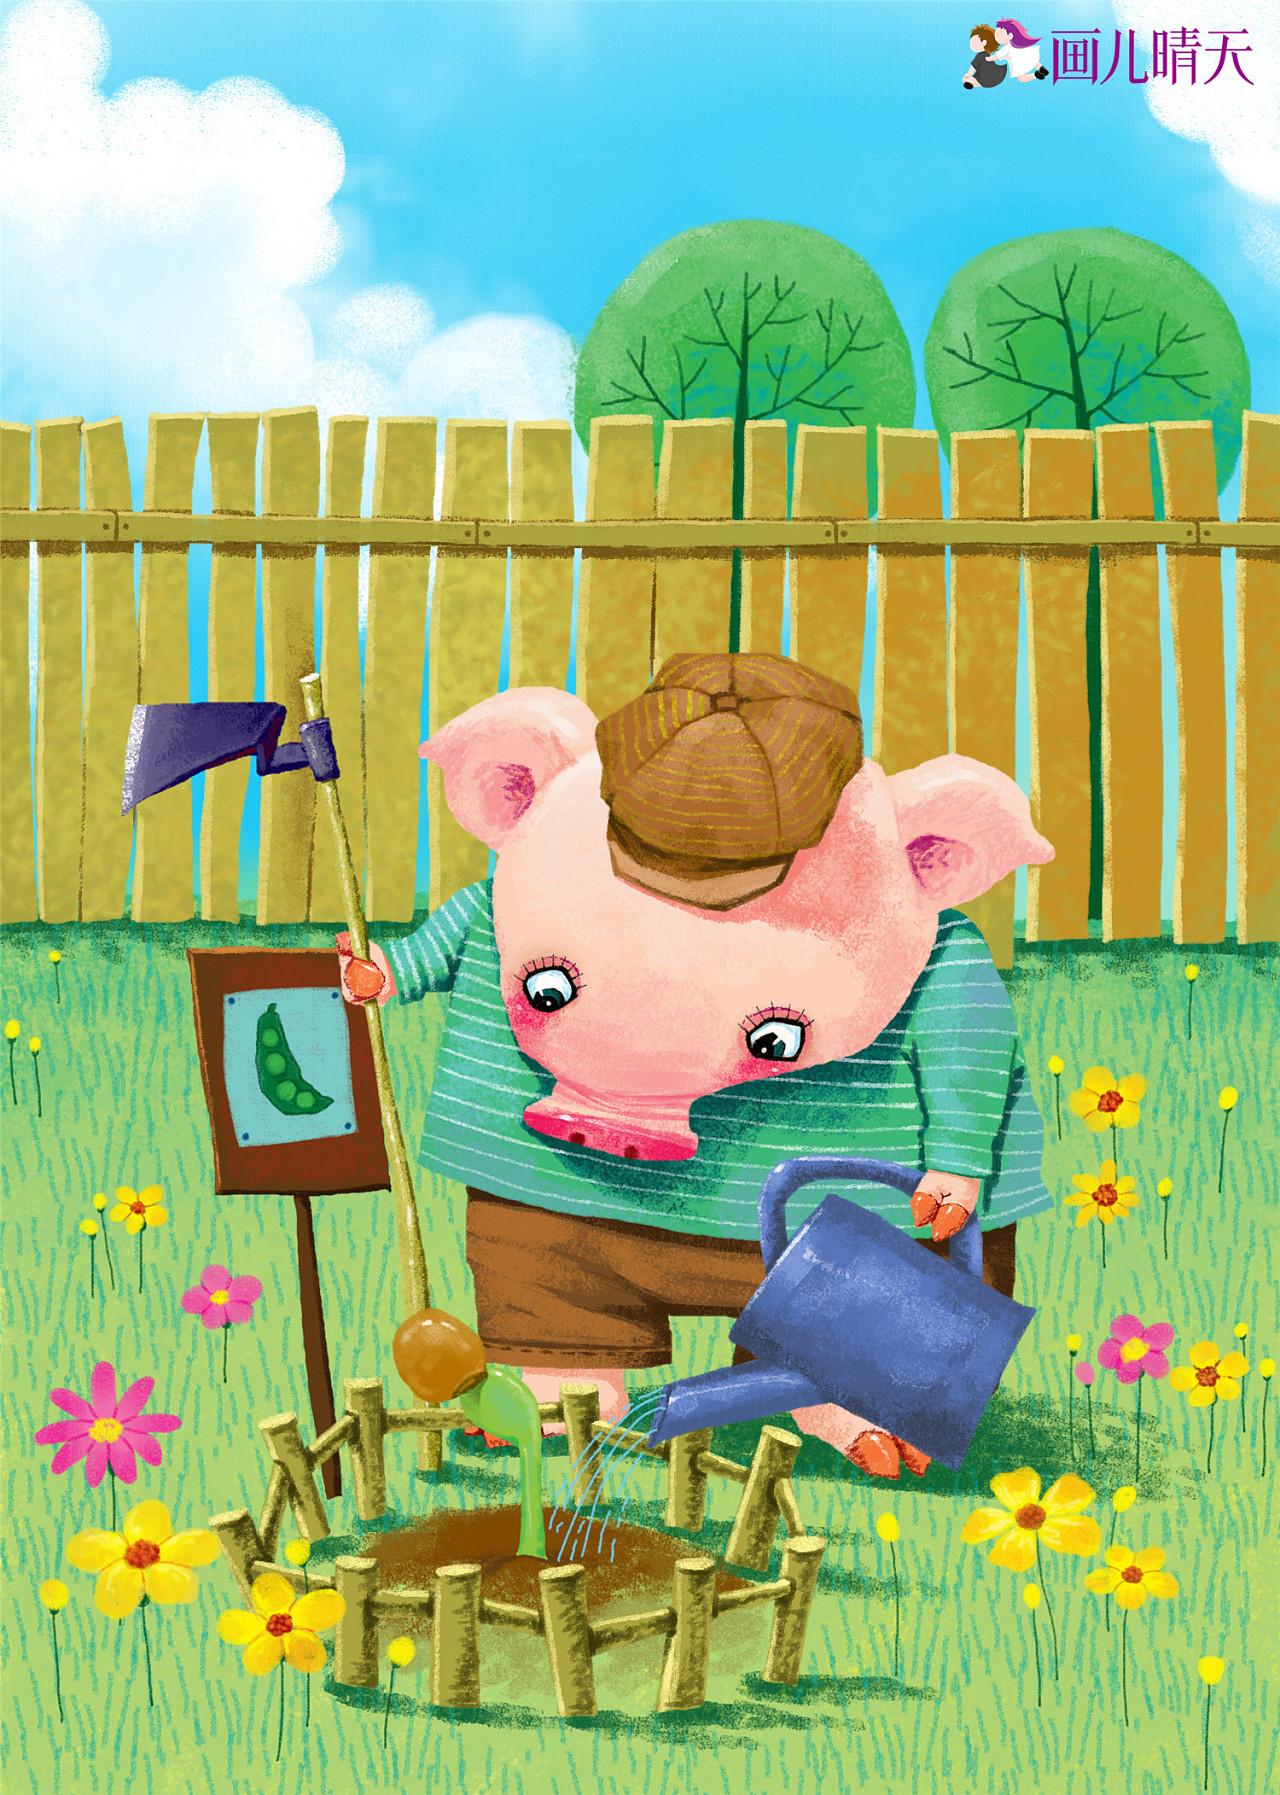 猪年插画-猪年图片元素插画20几幅图片